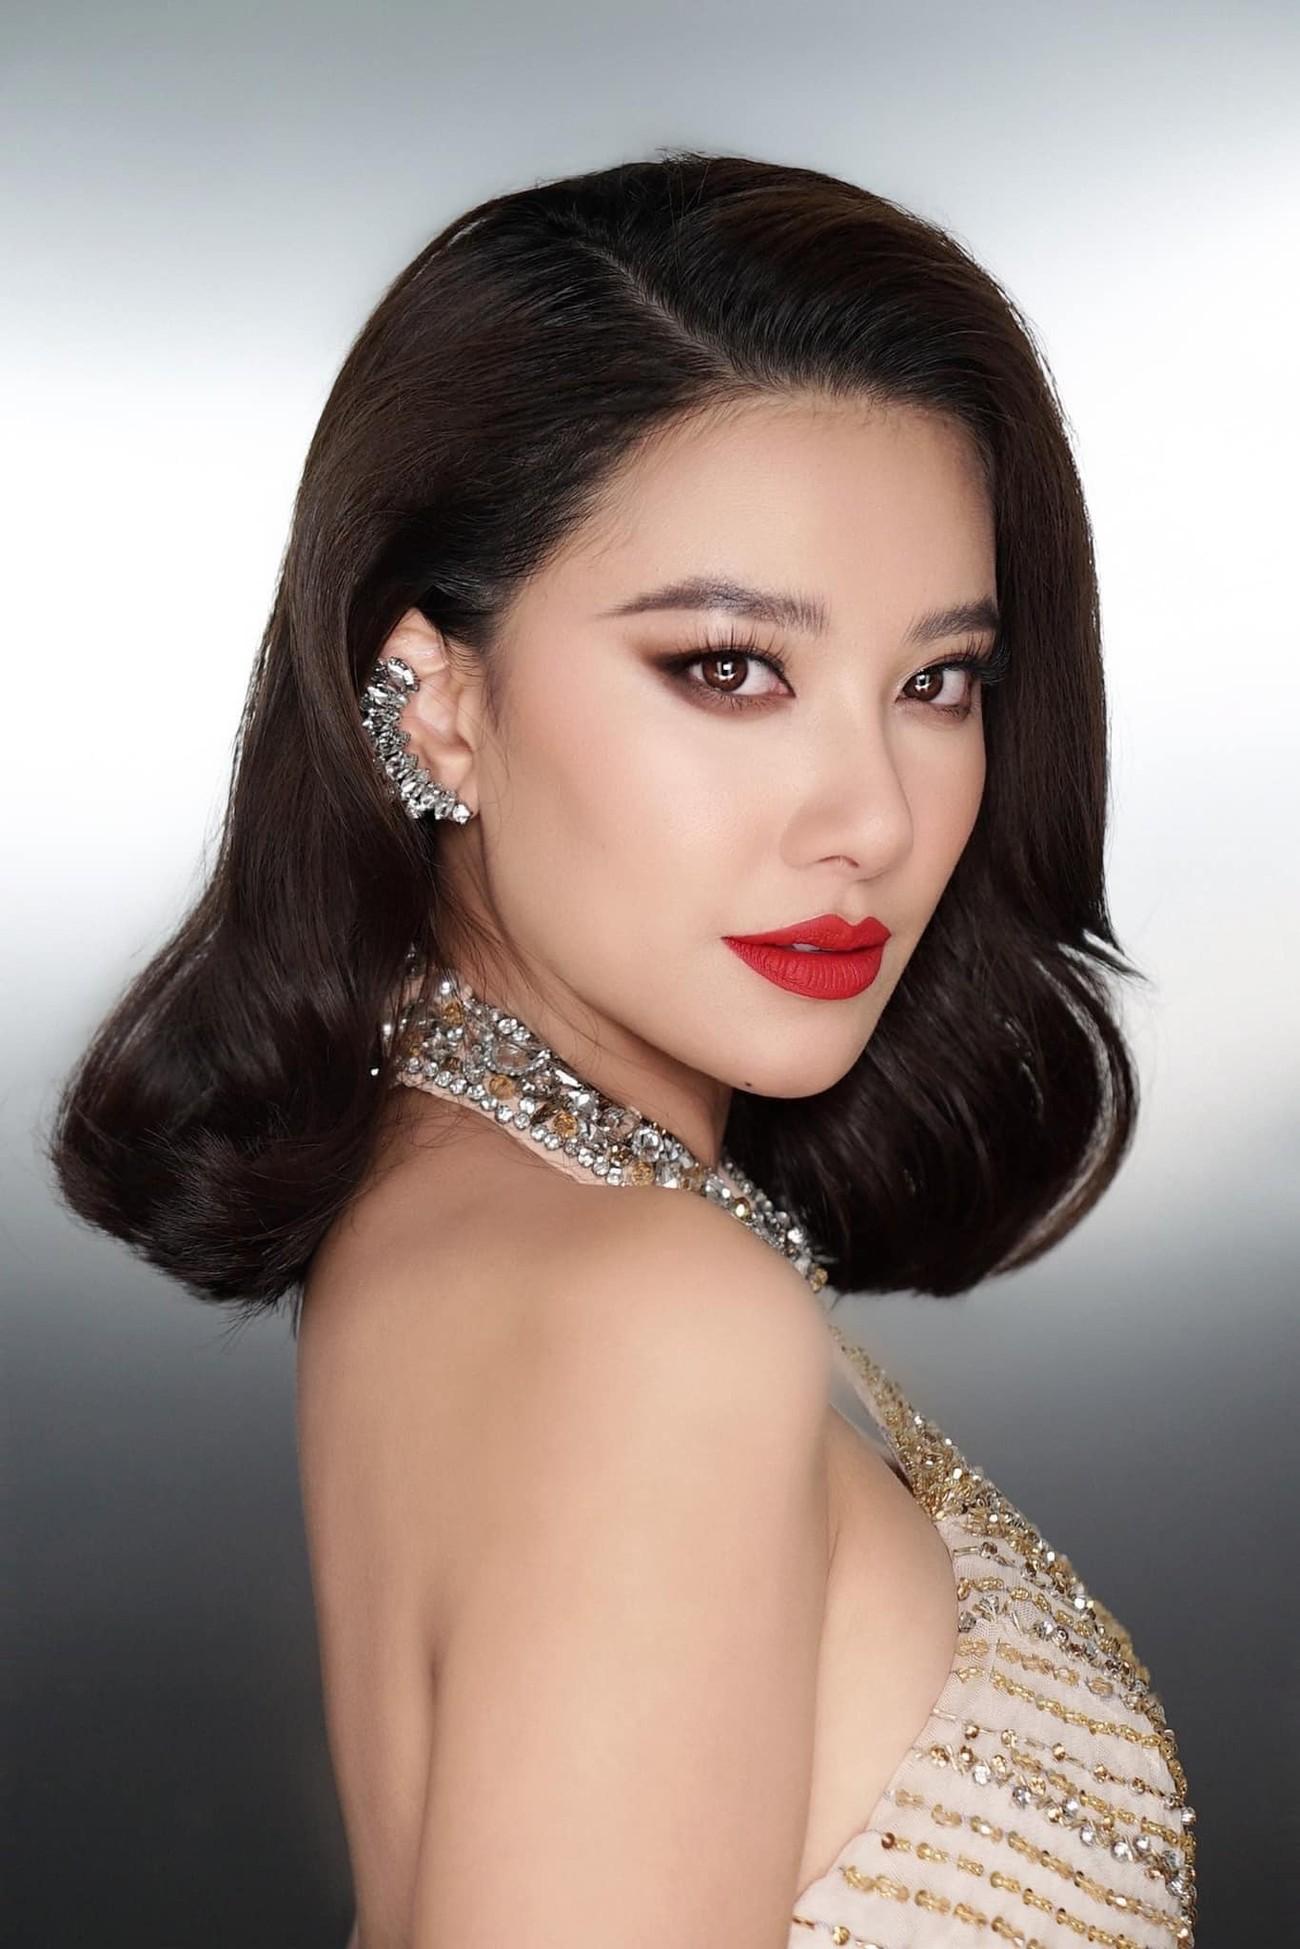 Tiểu Vy diện váy trễ vai gợi cảm, Lương Thuỳ Linh mặc đầm đỏ rực khoe chân dài 1m22 ảnh 13